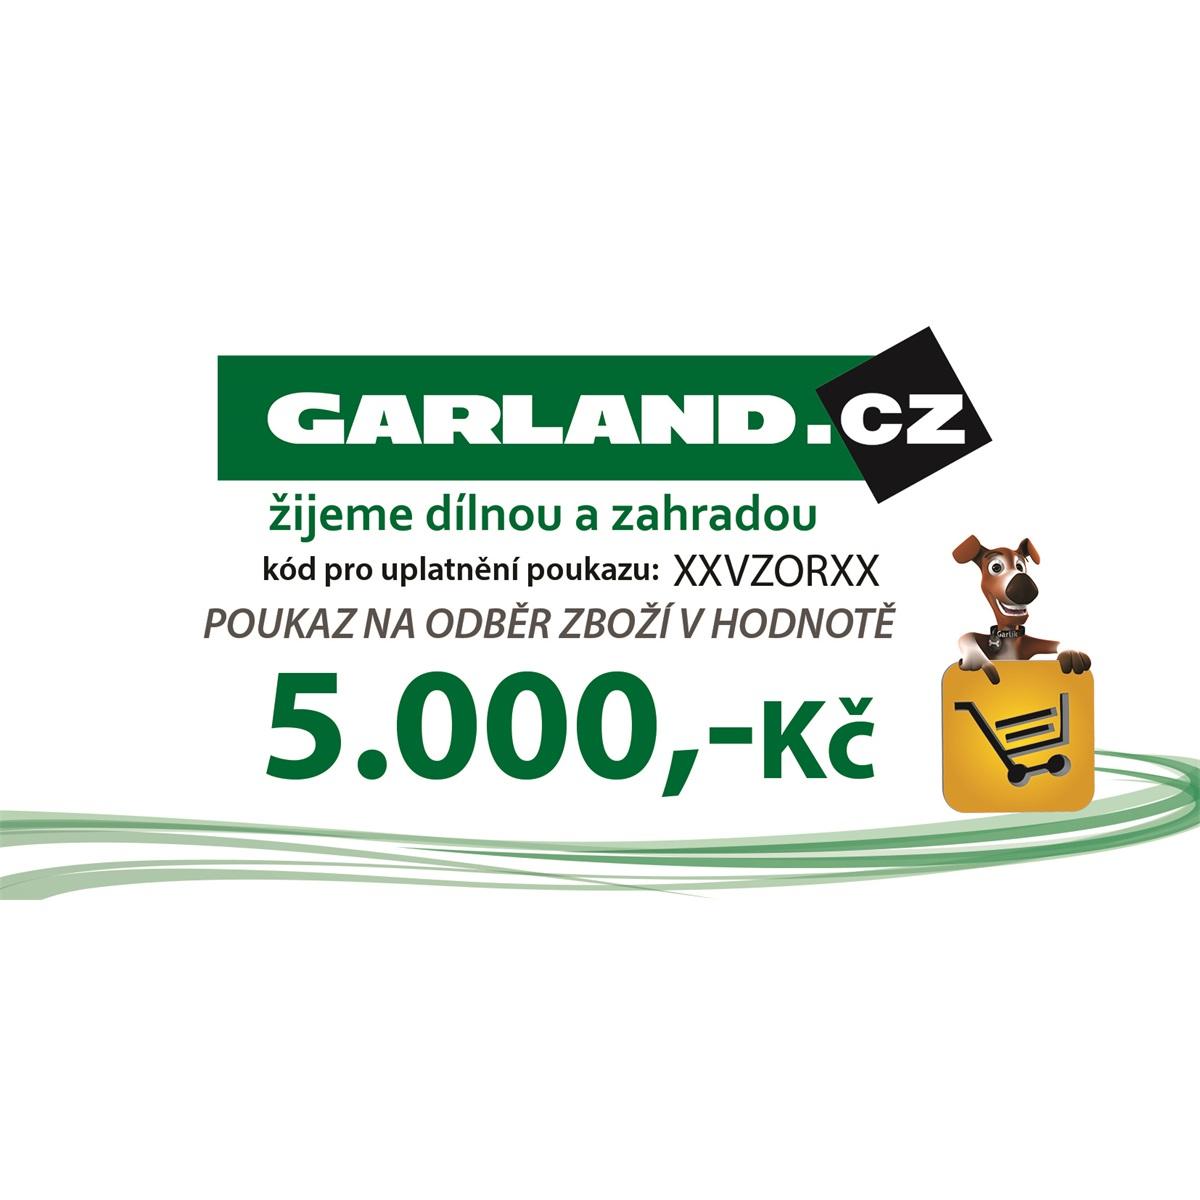 Dárkový poukaz GARLAND.cz 5000 Kč